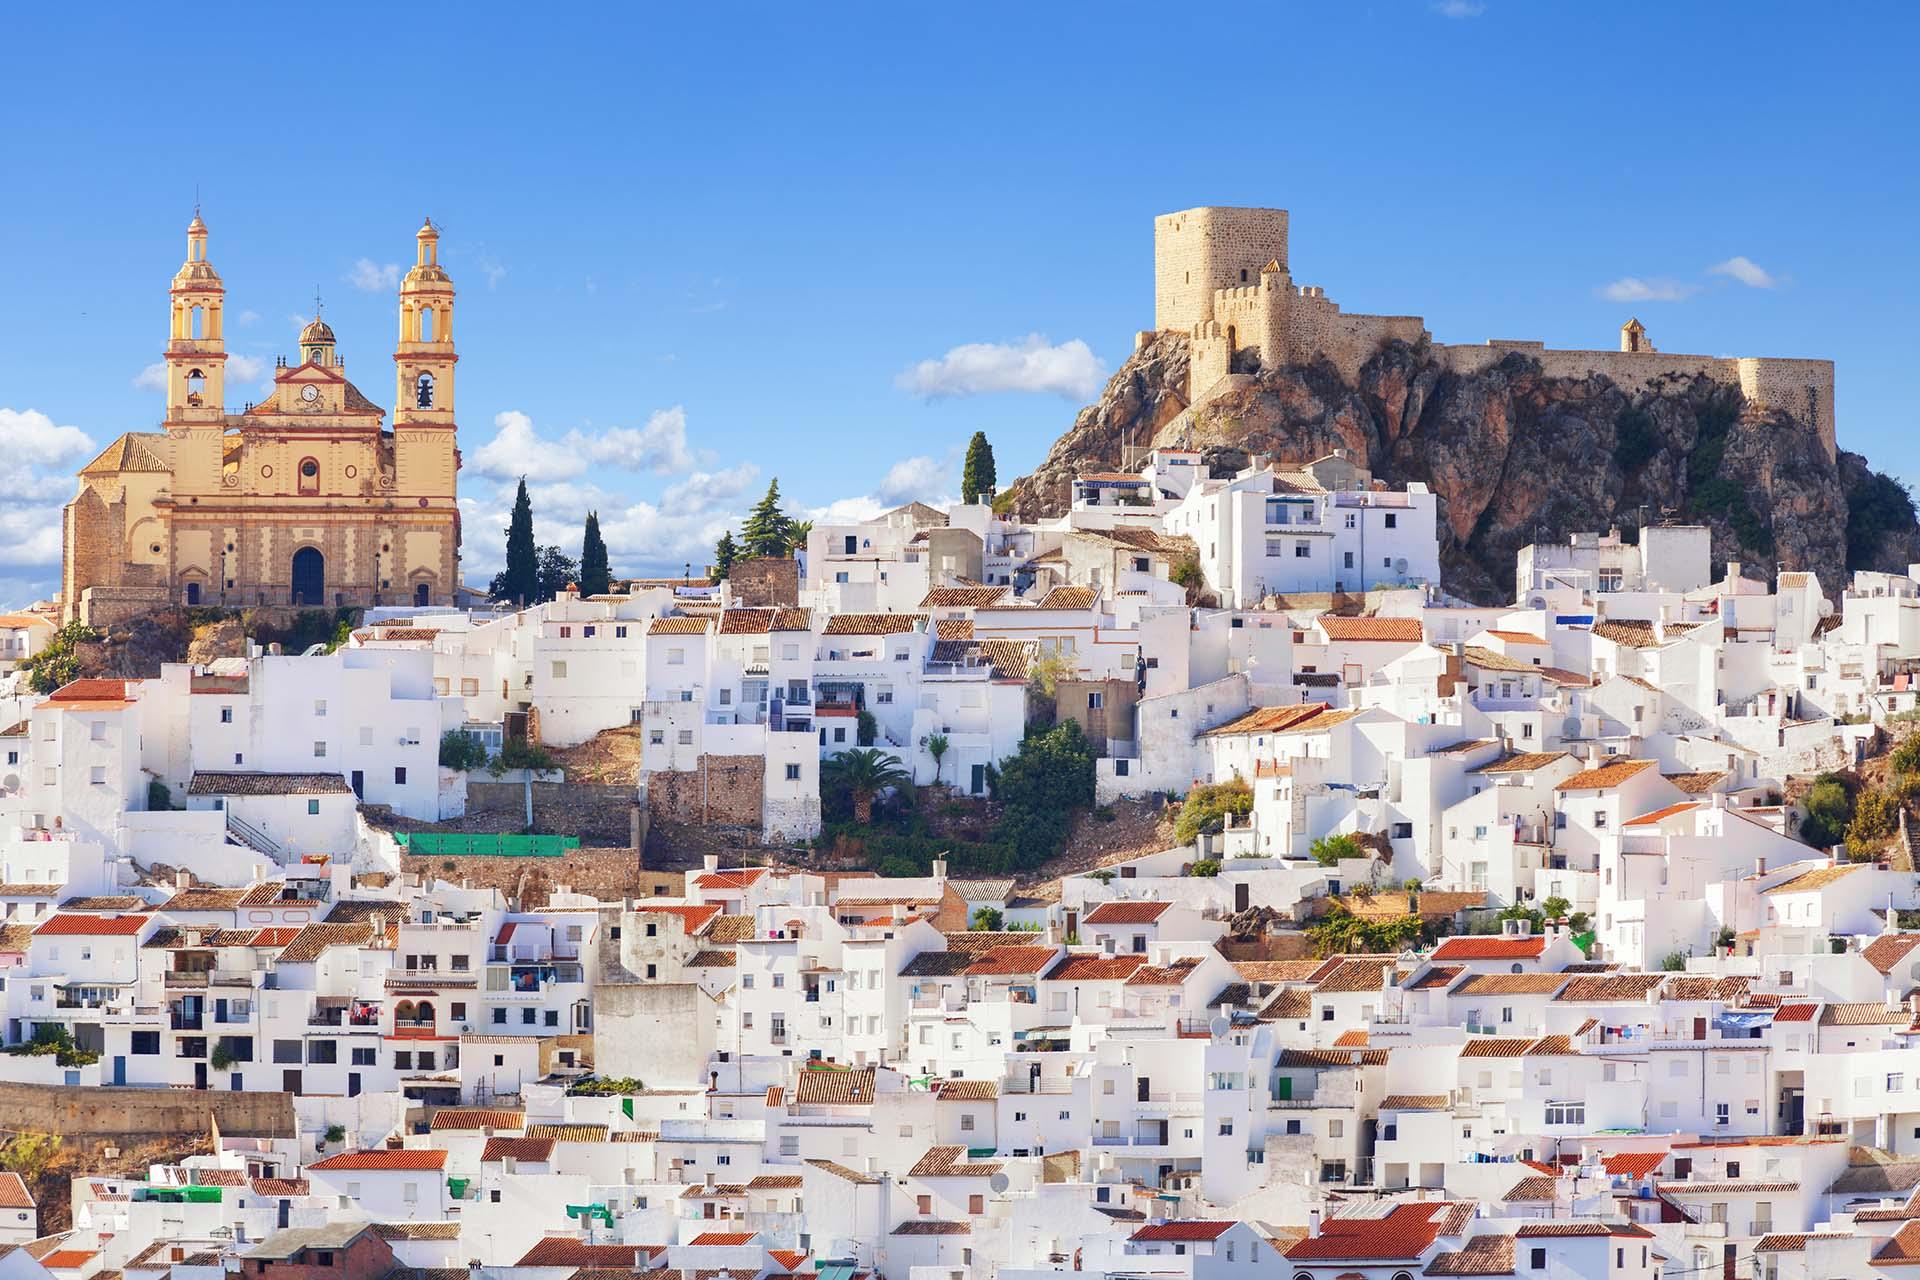 Si bien Andalucía es un destino turístico común, Cádiz sigue bastante subestimado. Esta ciudad es una de las ciudades habitadas más antiguas de Europa